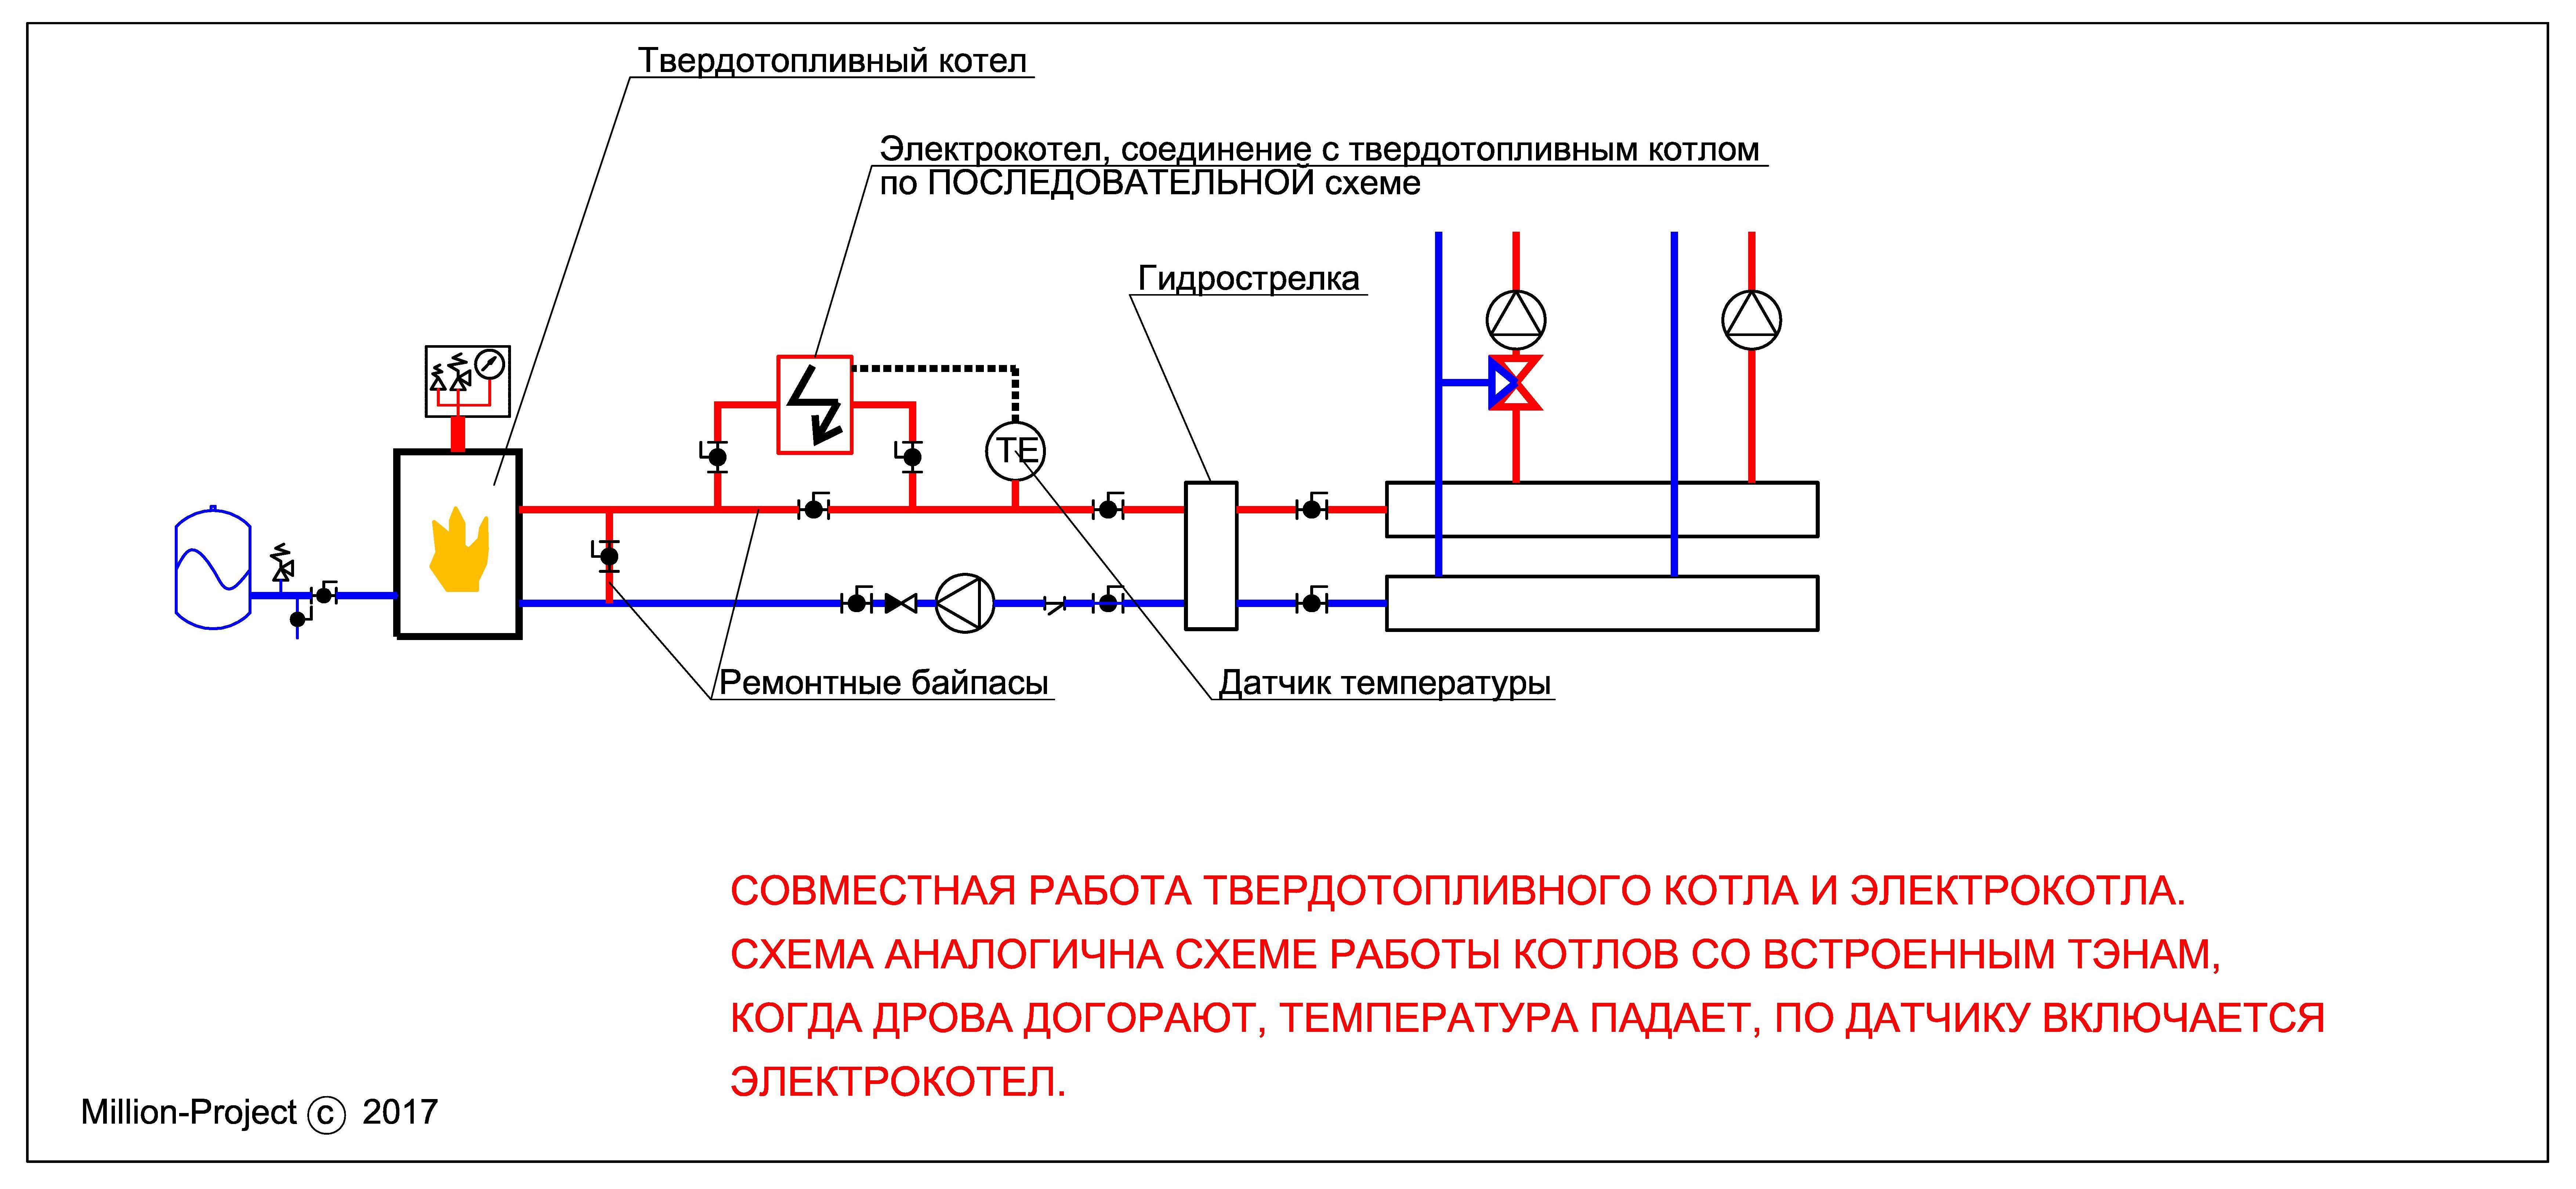 Схема отопления на электрокотлах